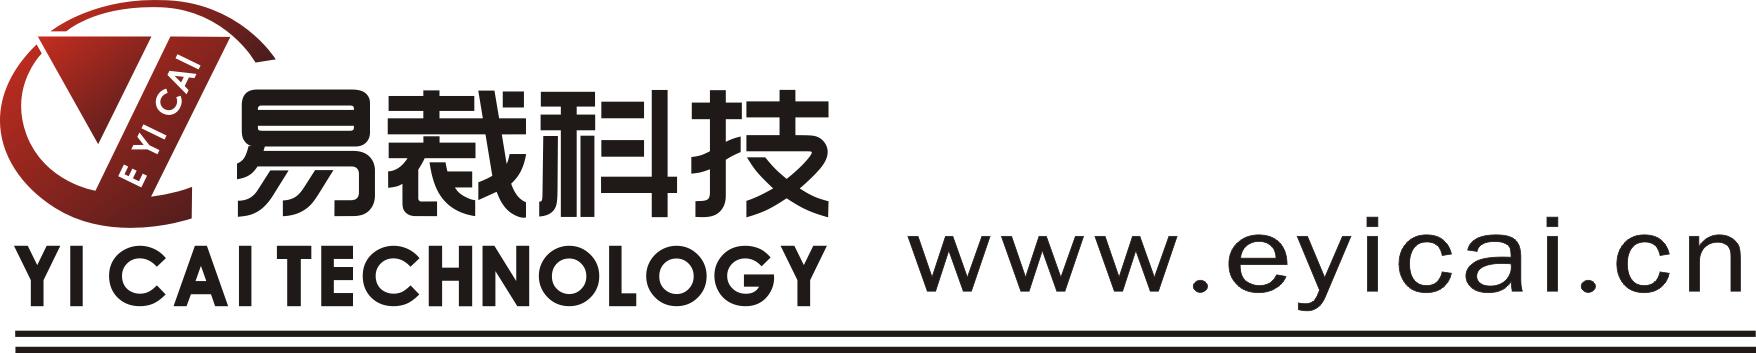 广东易裁科技有限公司